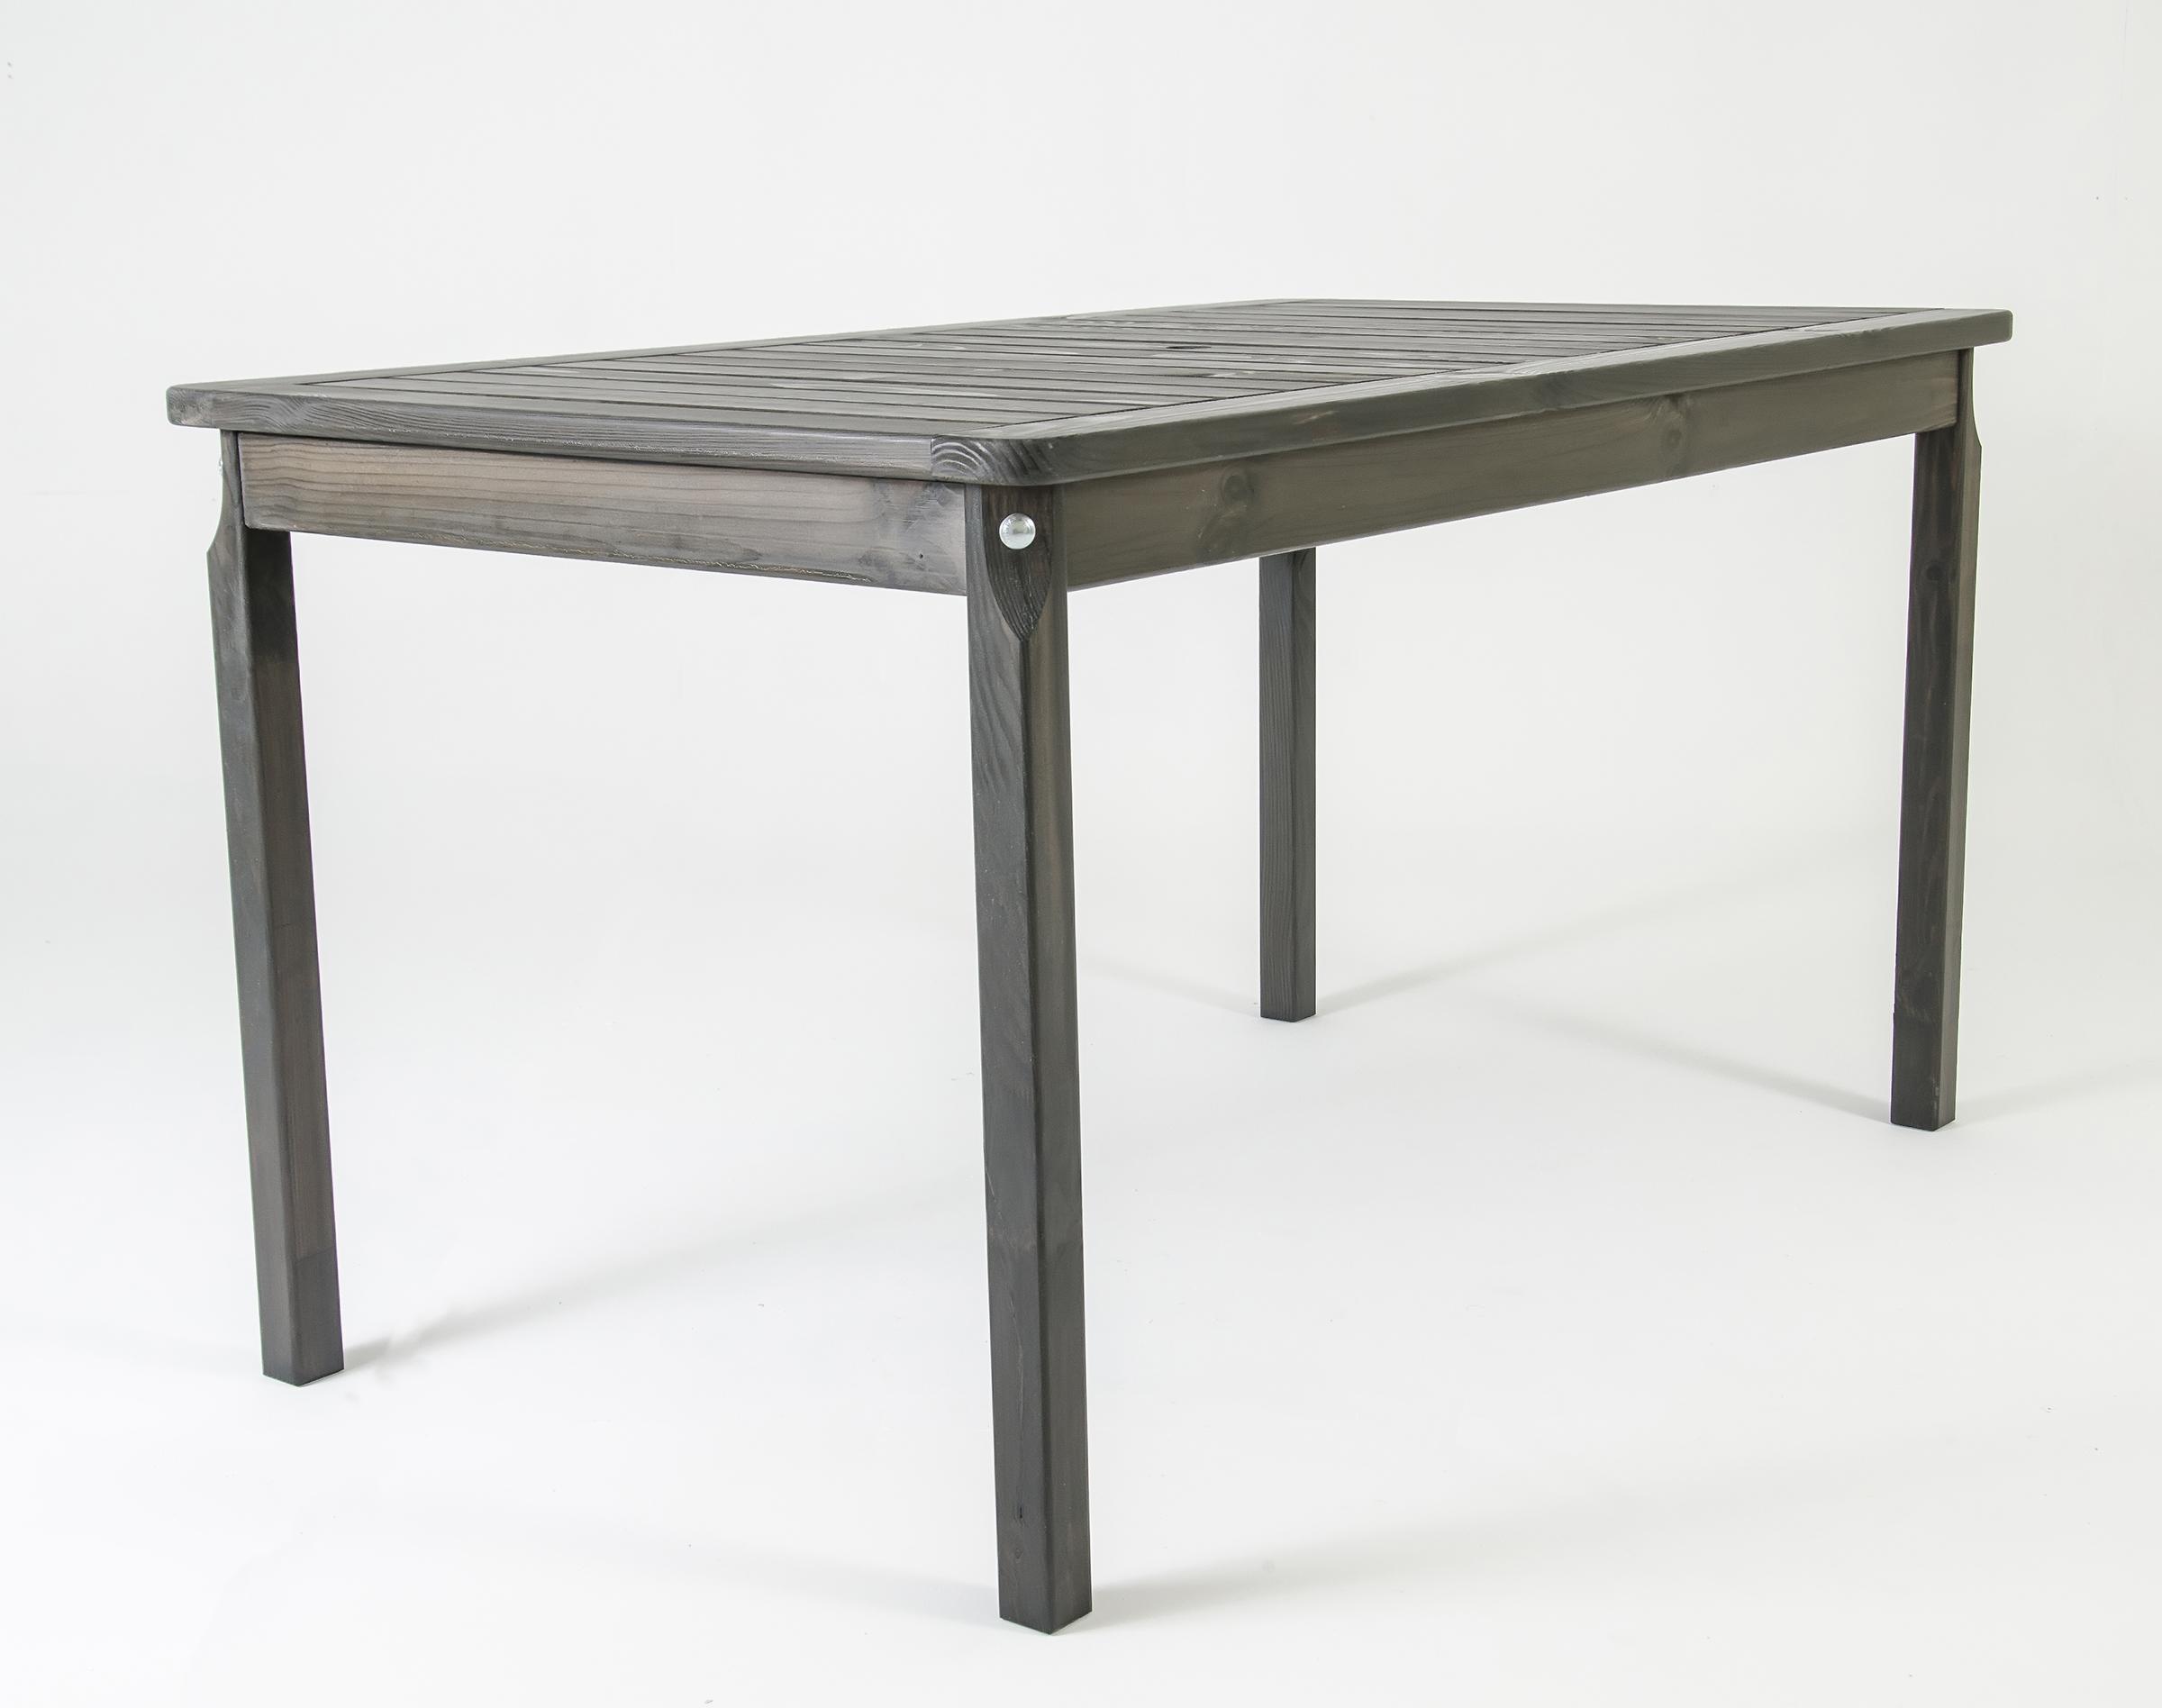 Ambientehome Gartentisch Tisch Massivholz Esstisch Evje